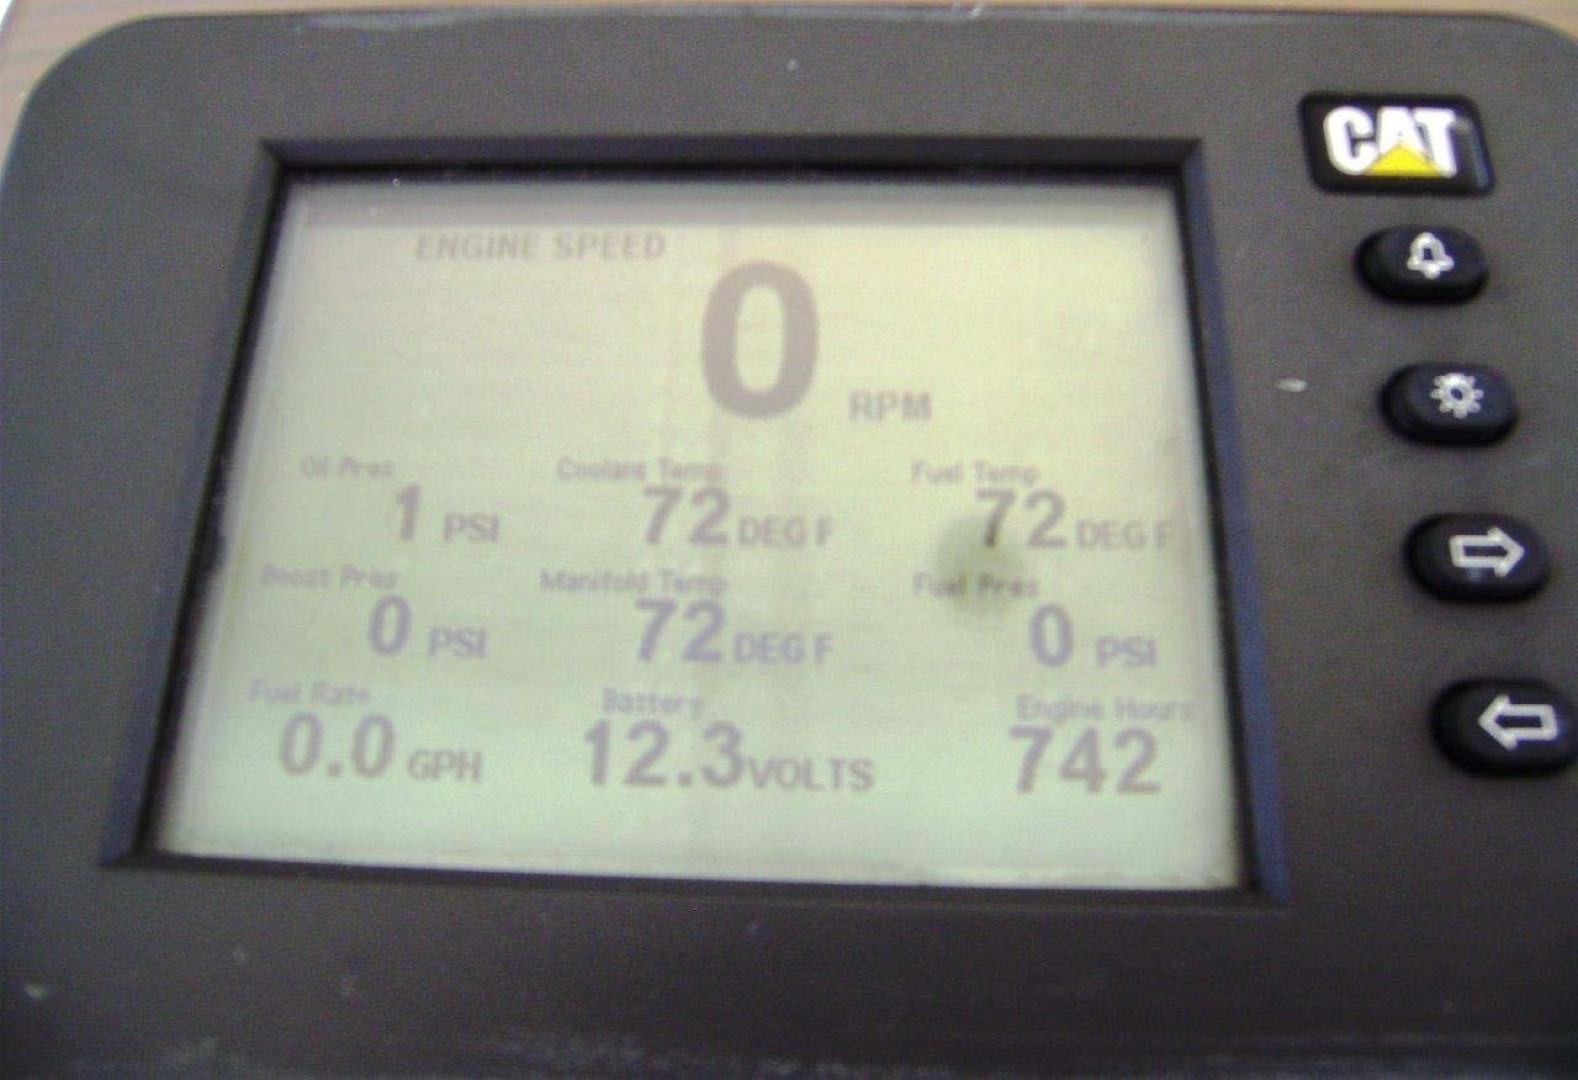 Egg Harbor-43 Sport Yacht 2005-EAGLE Ft. Pierce-Florida-United States-Engine Hours-1318504 | Thumbnail